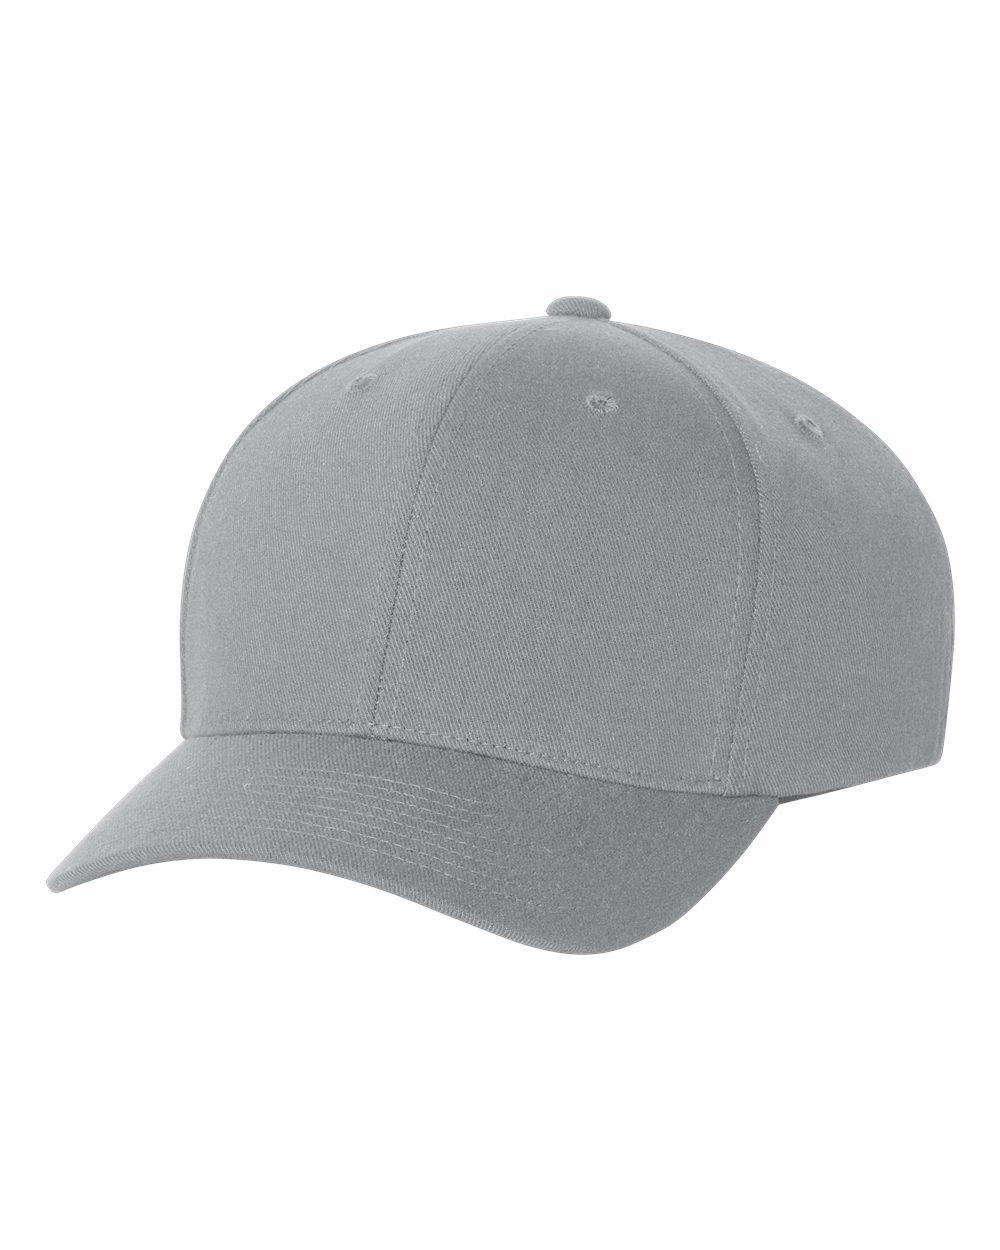 Flexfit 110C - Pro-Formance Cap